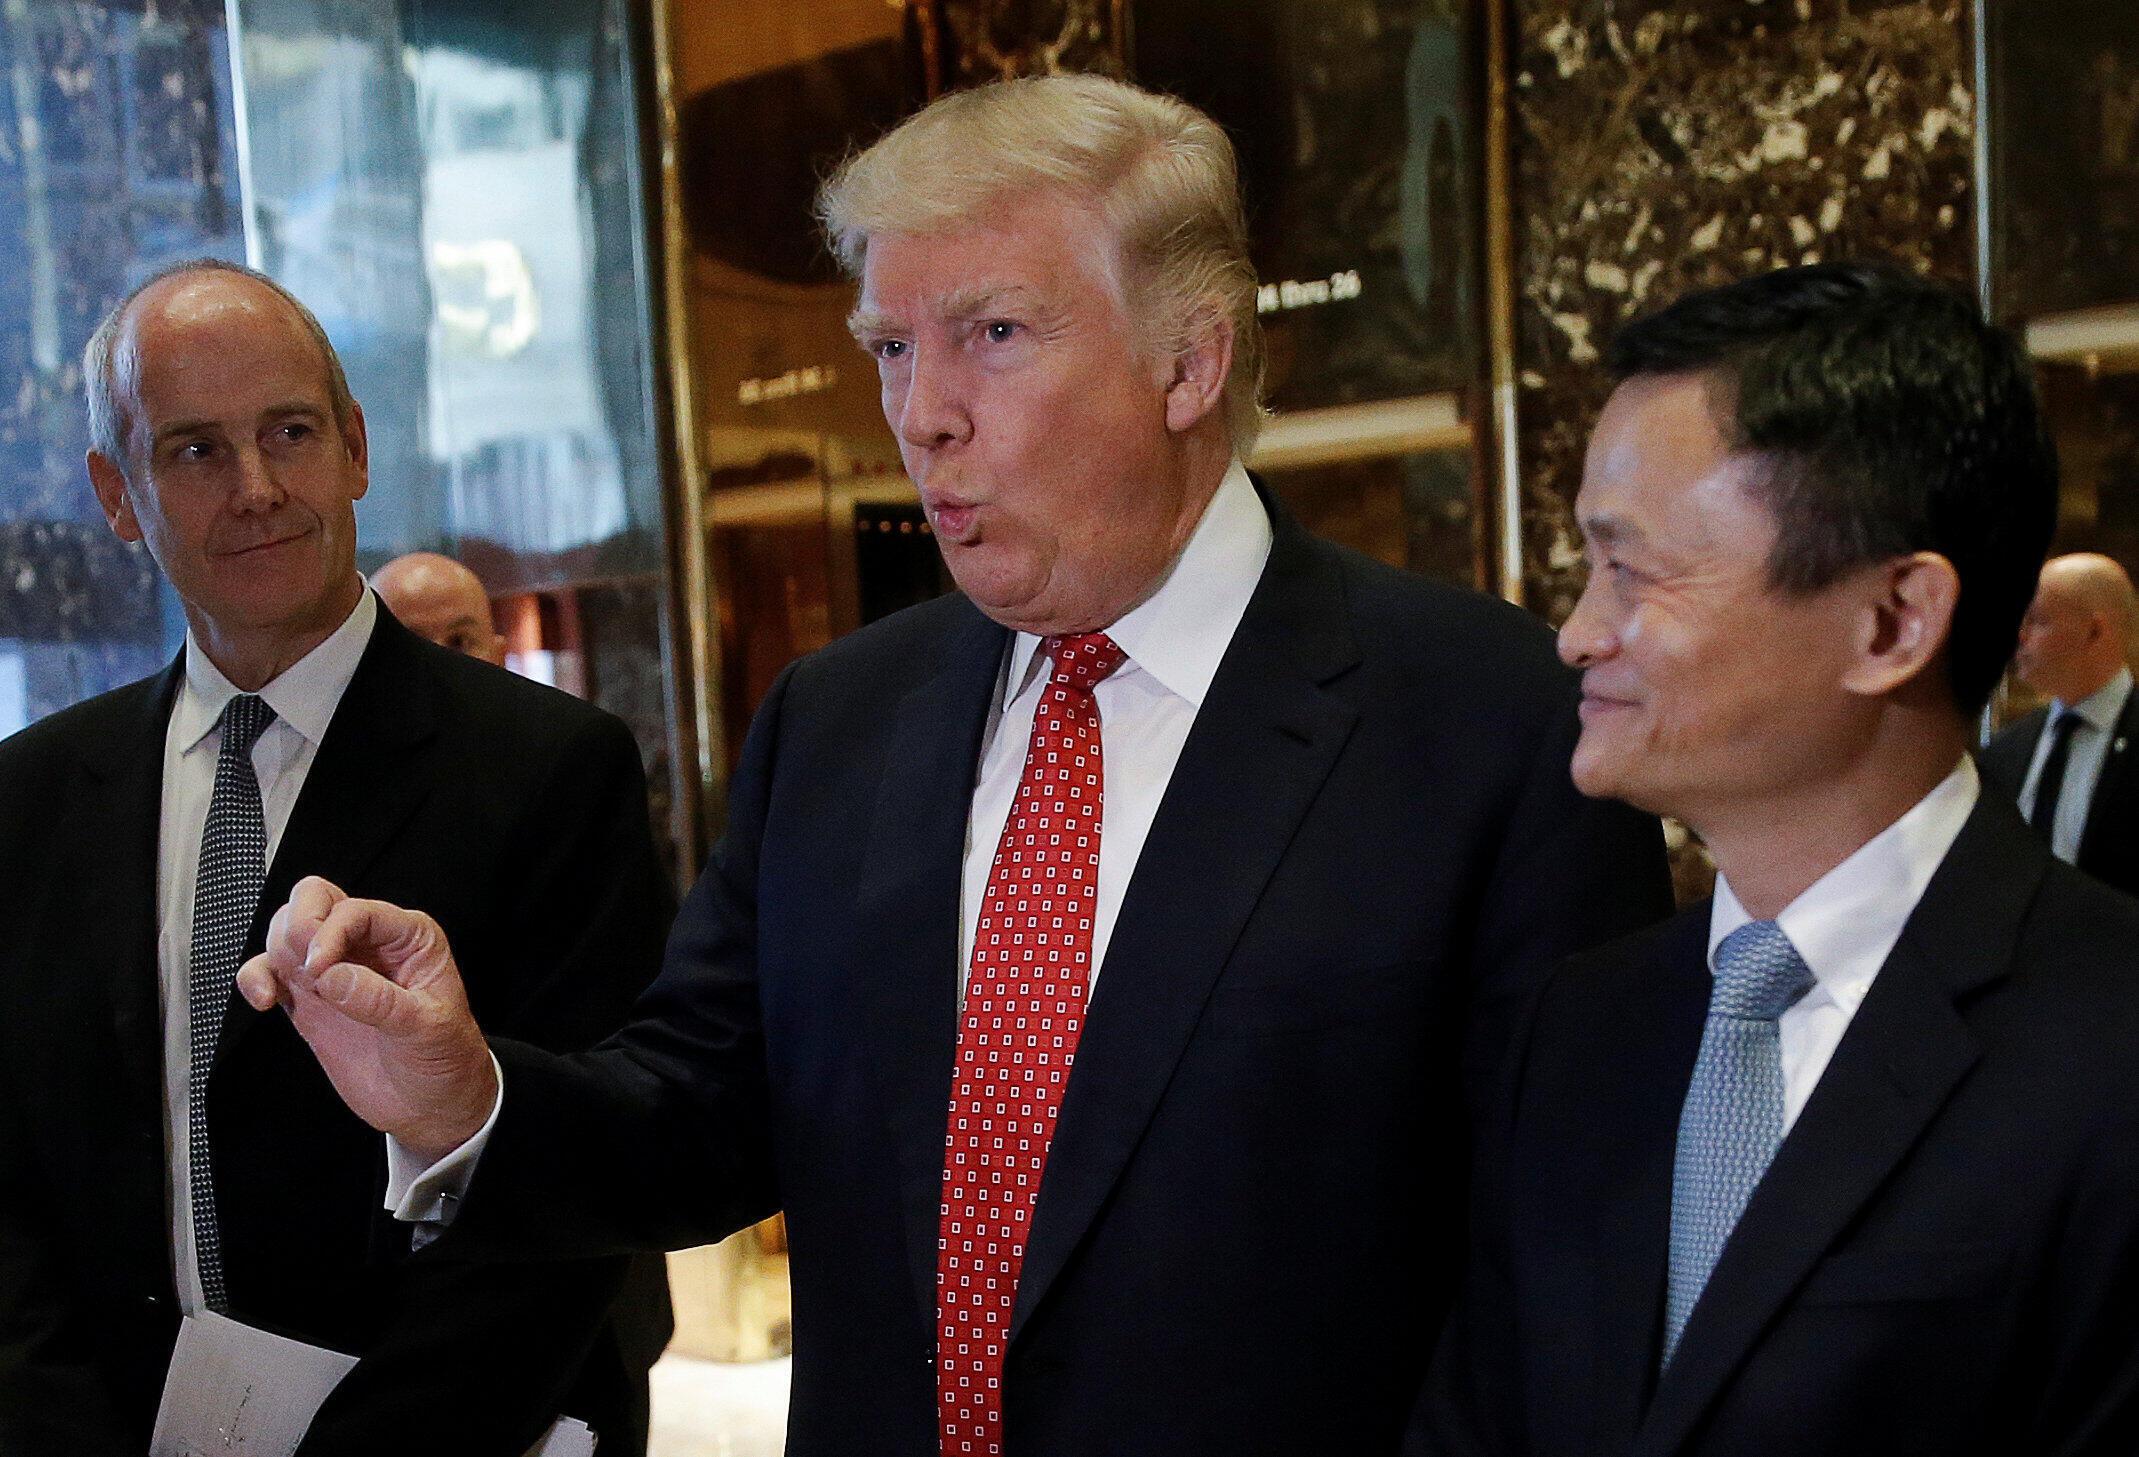 9號馬雲前往紐約特朗普大廈會見了候任美國總統特朗普 承諾五年內要為美國創造100萬個就業機會